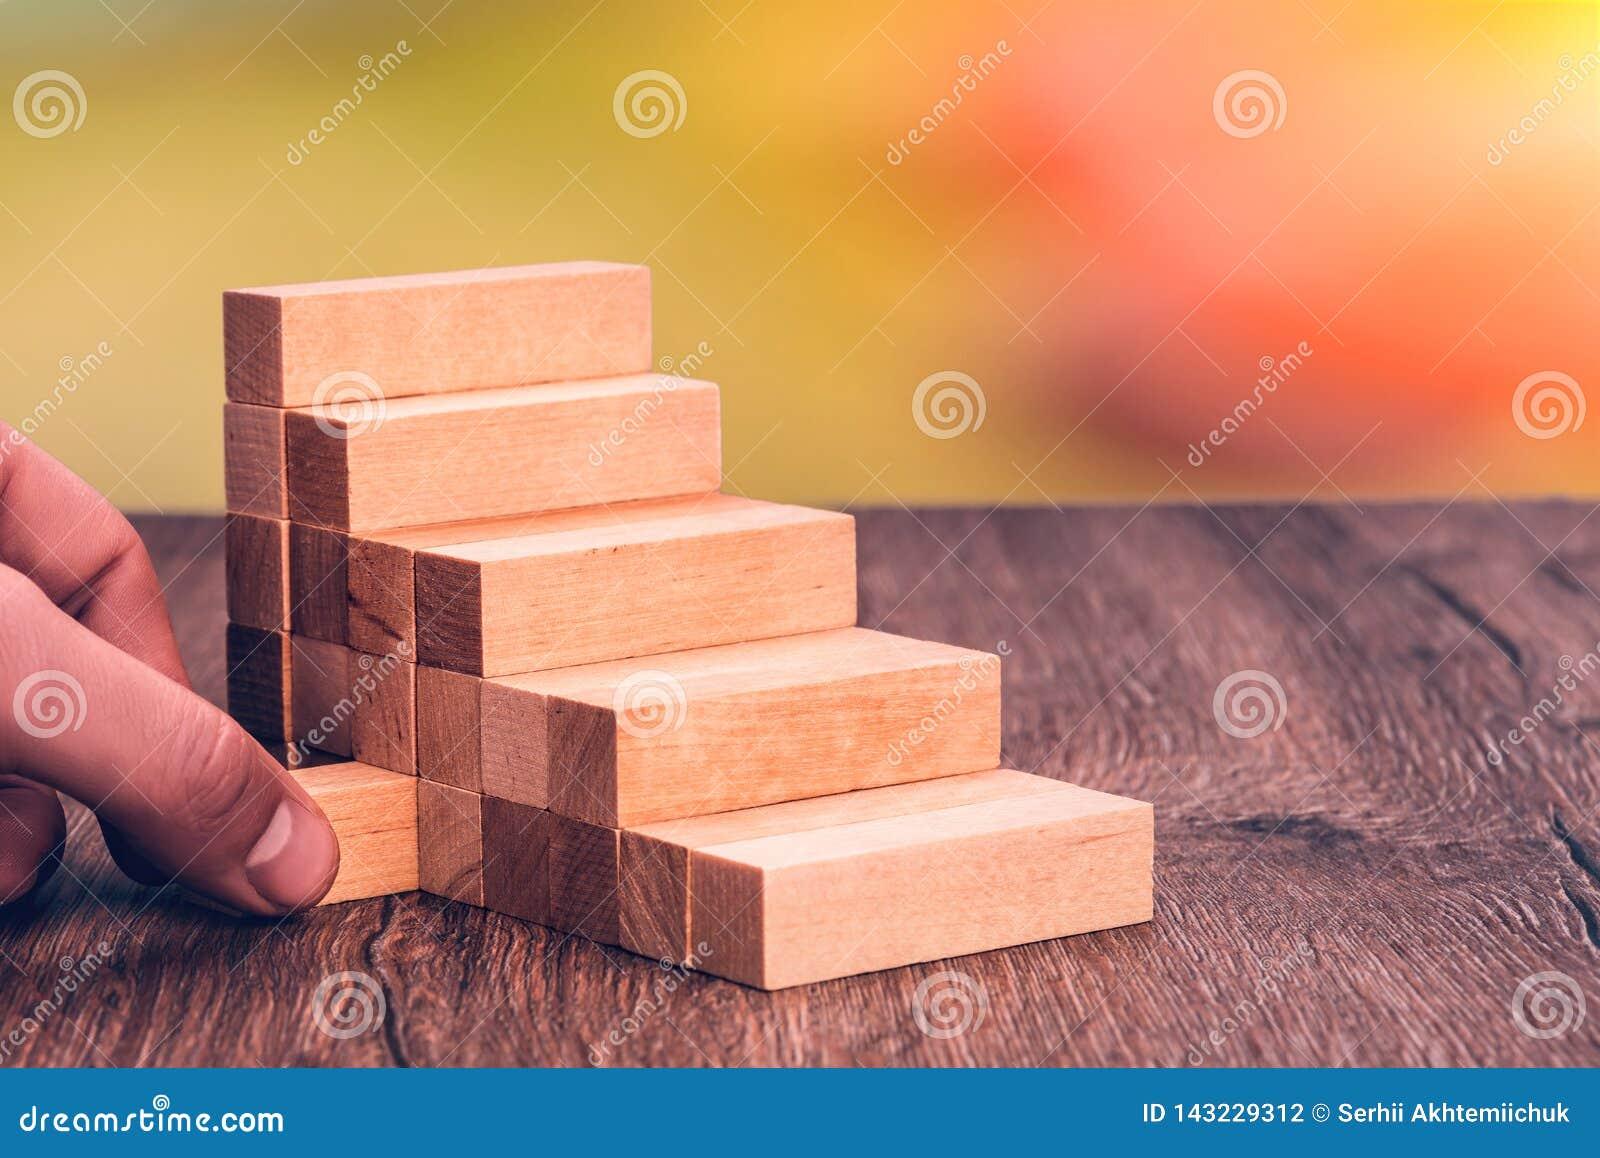 Ένα ανθρώπινο χέρι τραβά ένα τούβλο από μια σκάλα Έννοια: η κατάρρευση, η αιτία της οποίας ήταν προδοσία